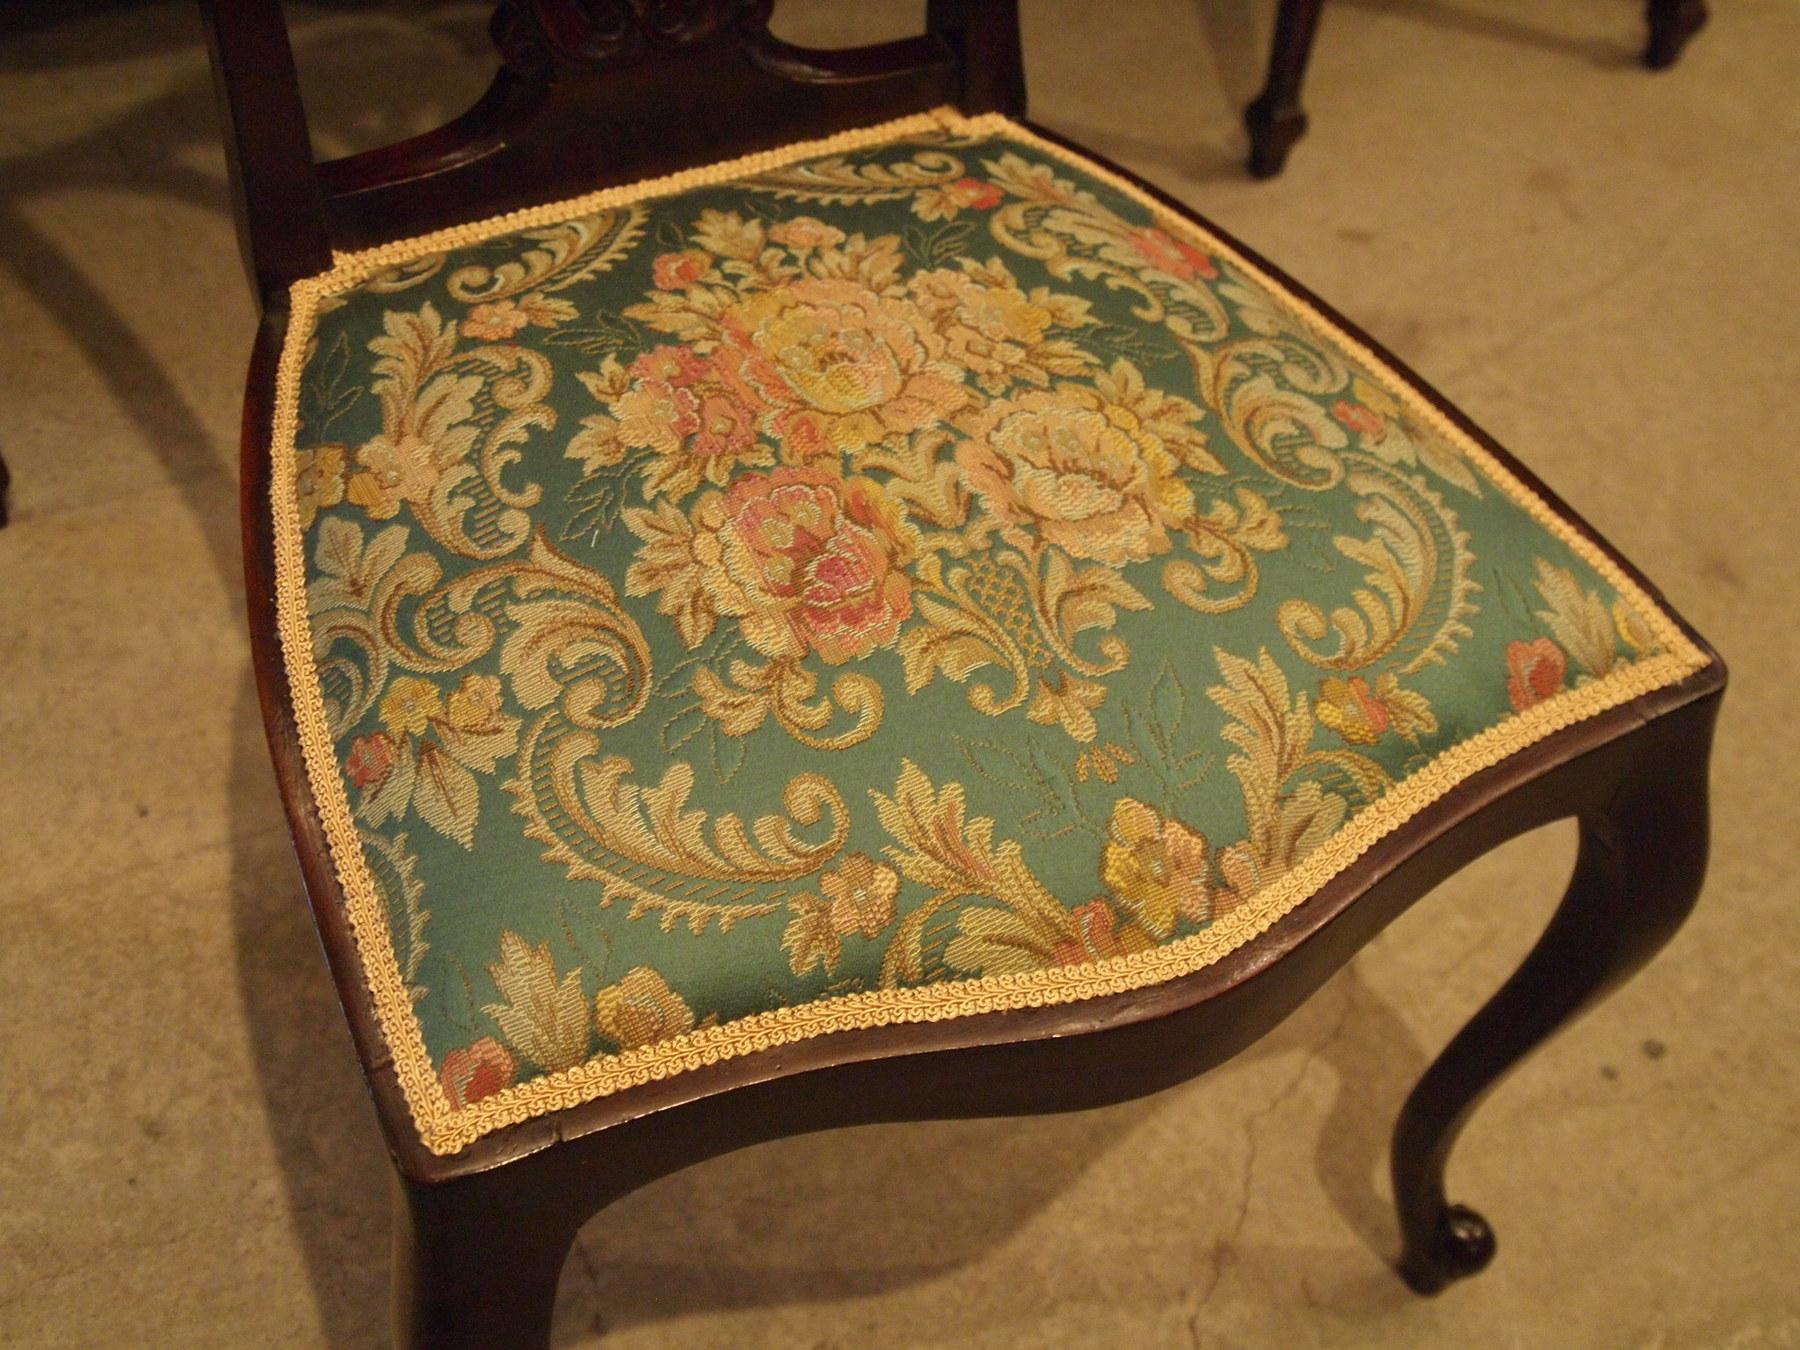 chair190127a_08.JPG